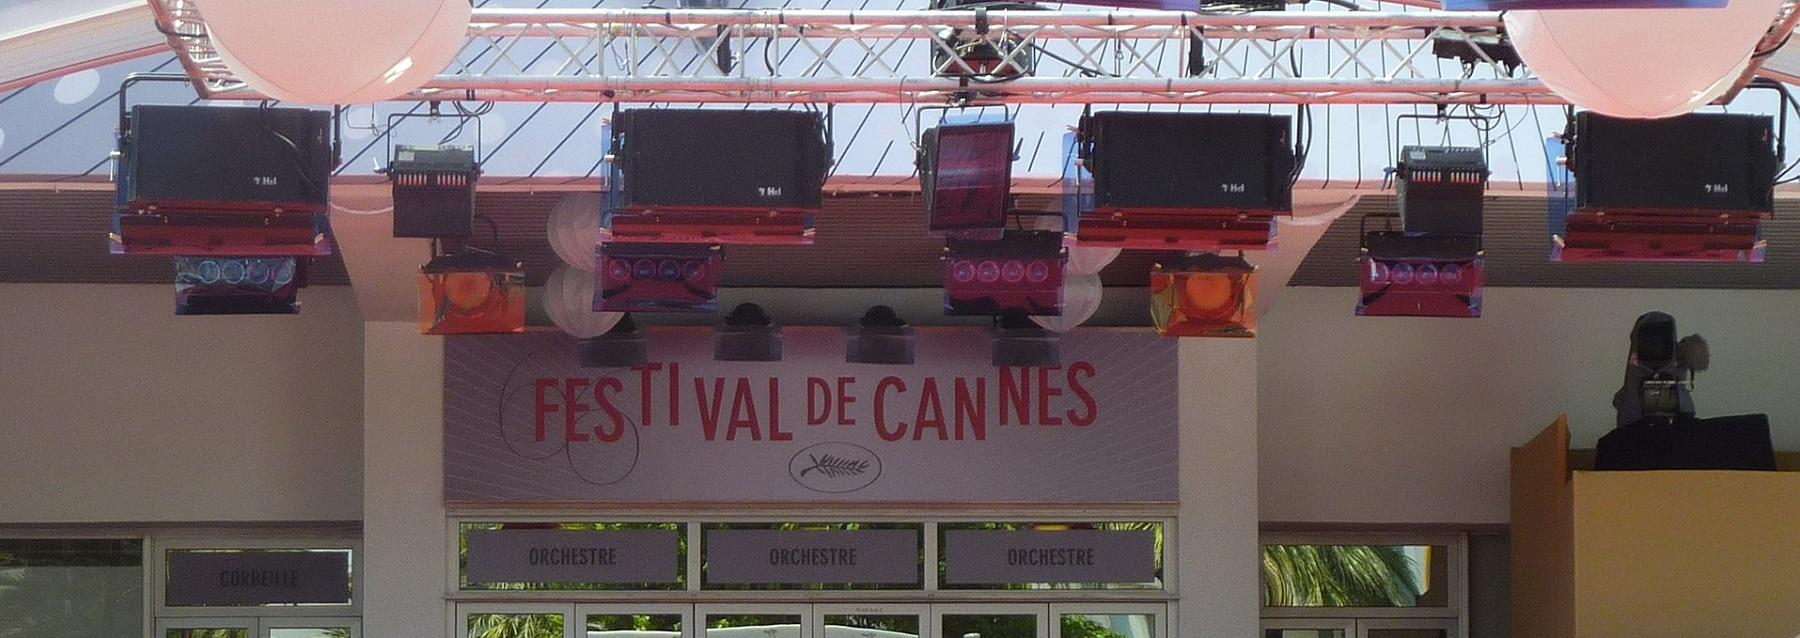 Gagnez vos invitations pour le Festival de Cannes !